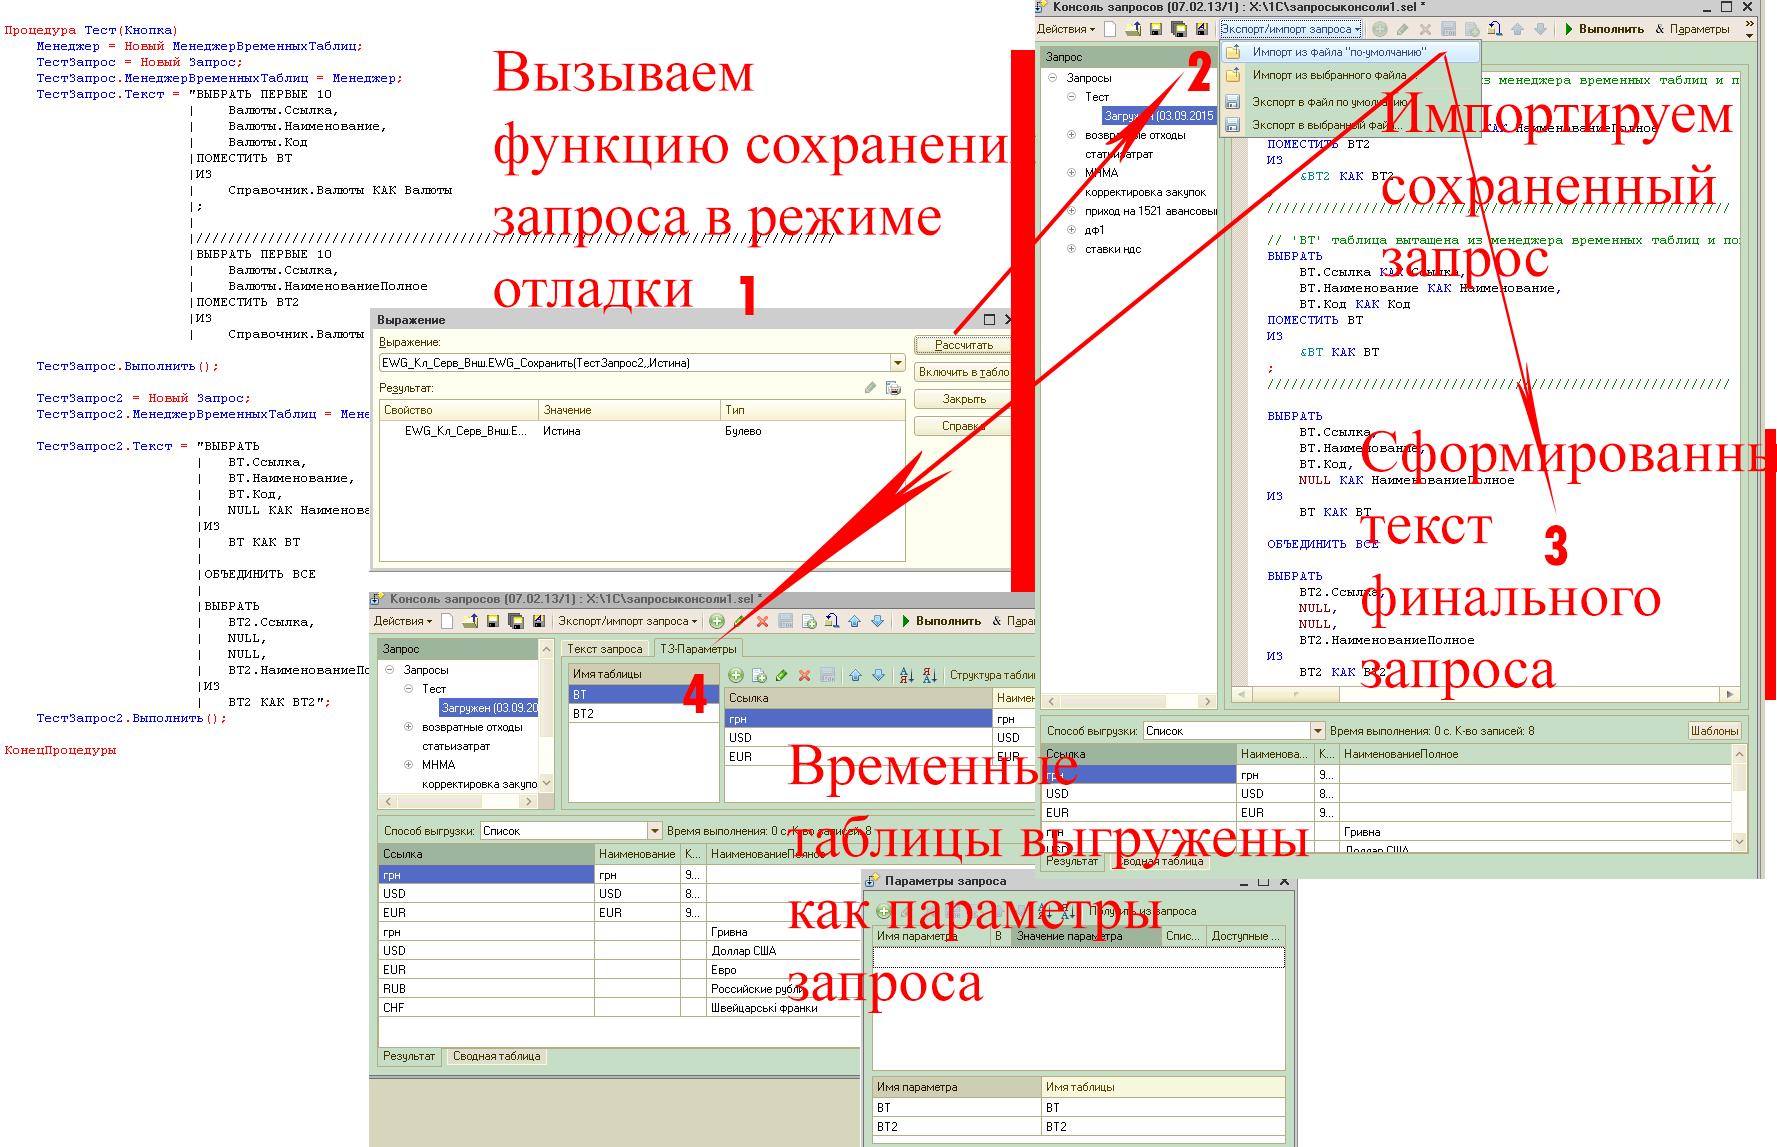 Получение запроса со временными таблицыми под отладчиком